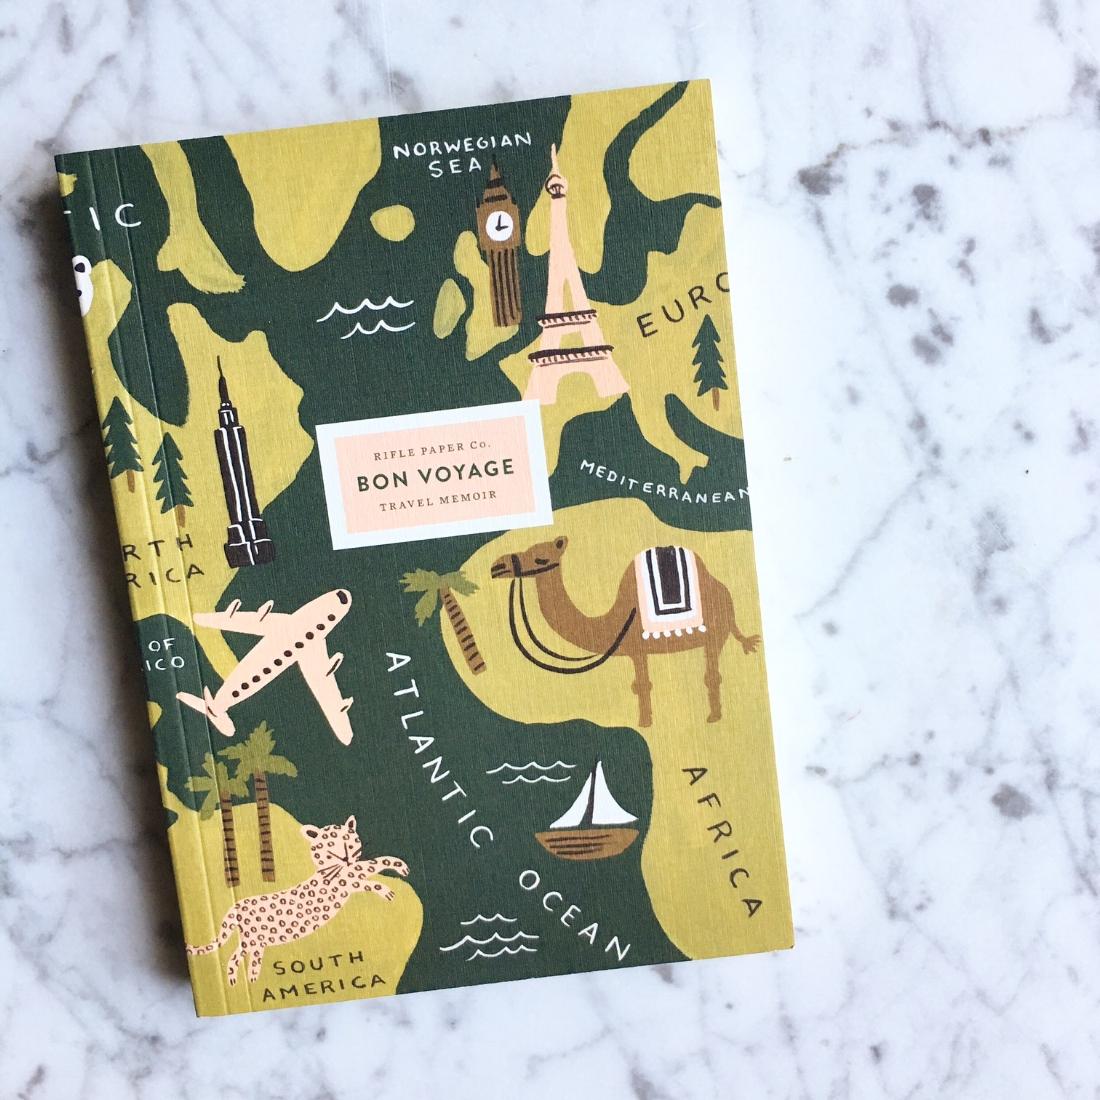 Bon Voyage Travel Memoir